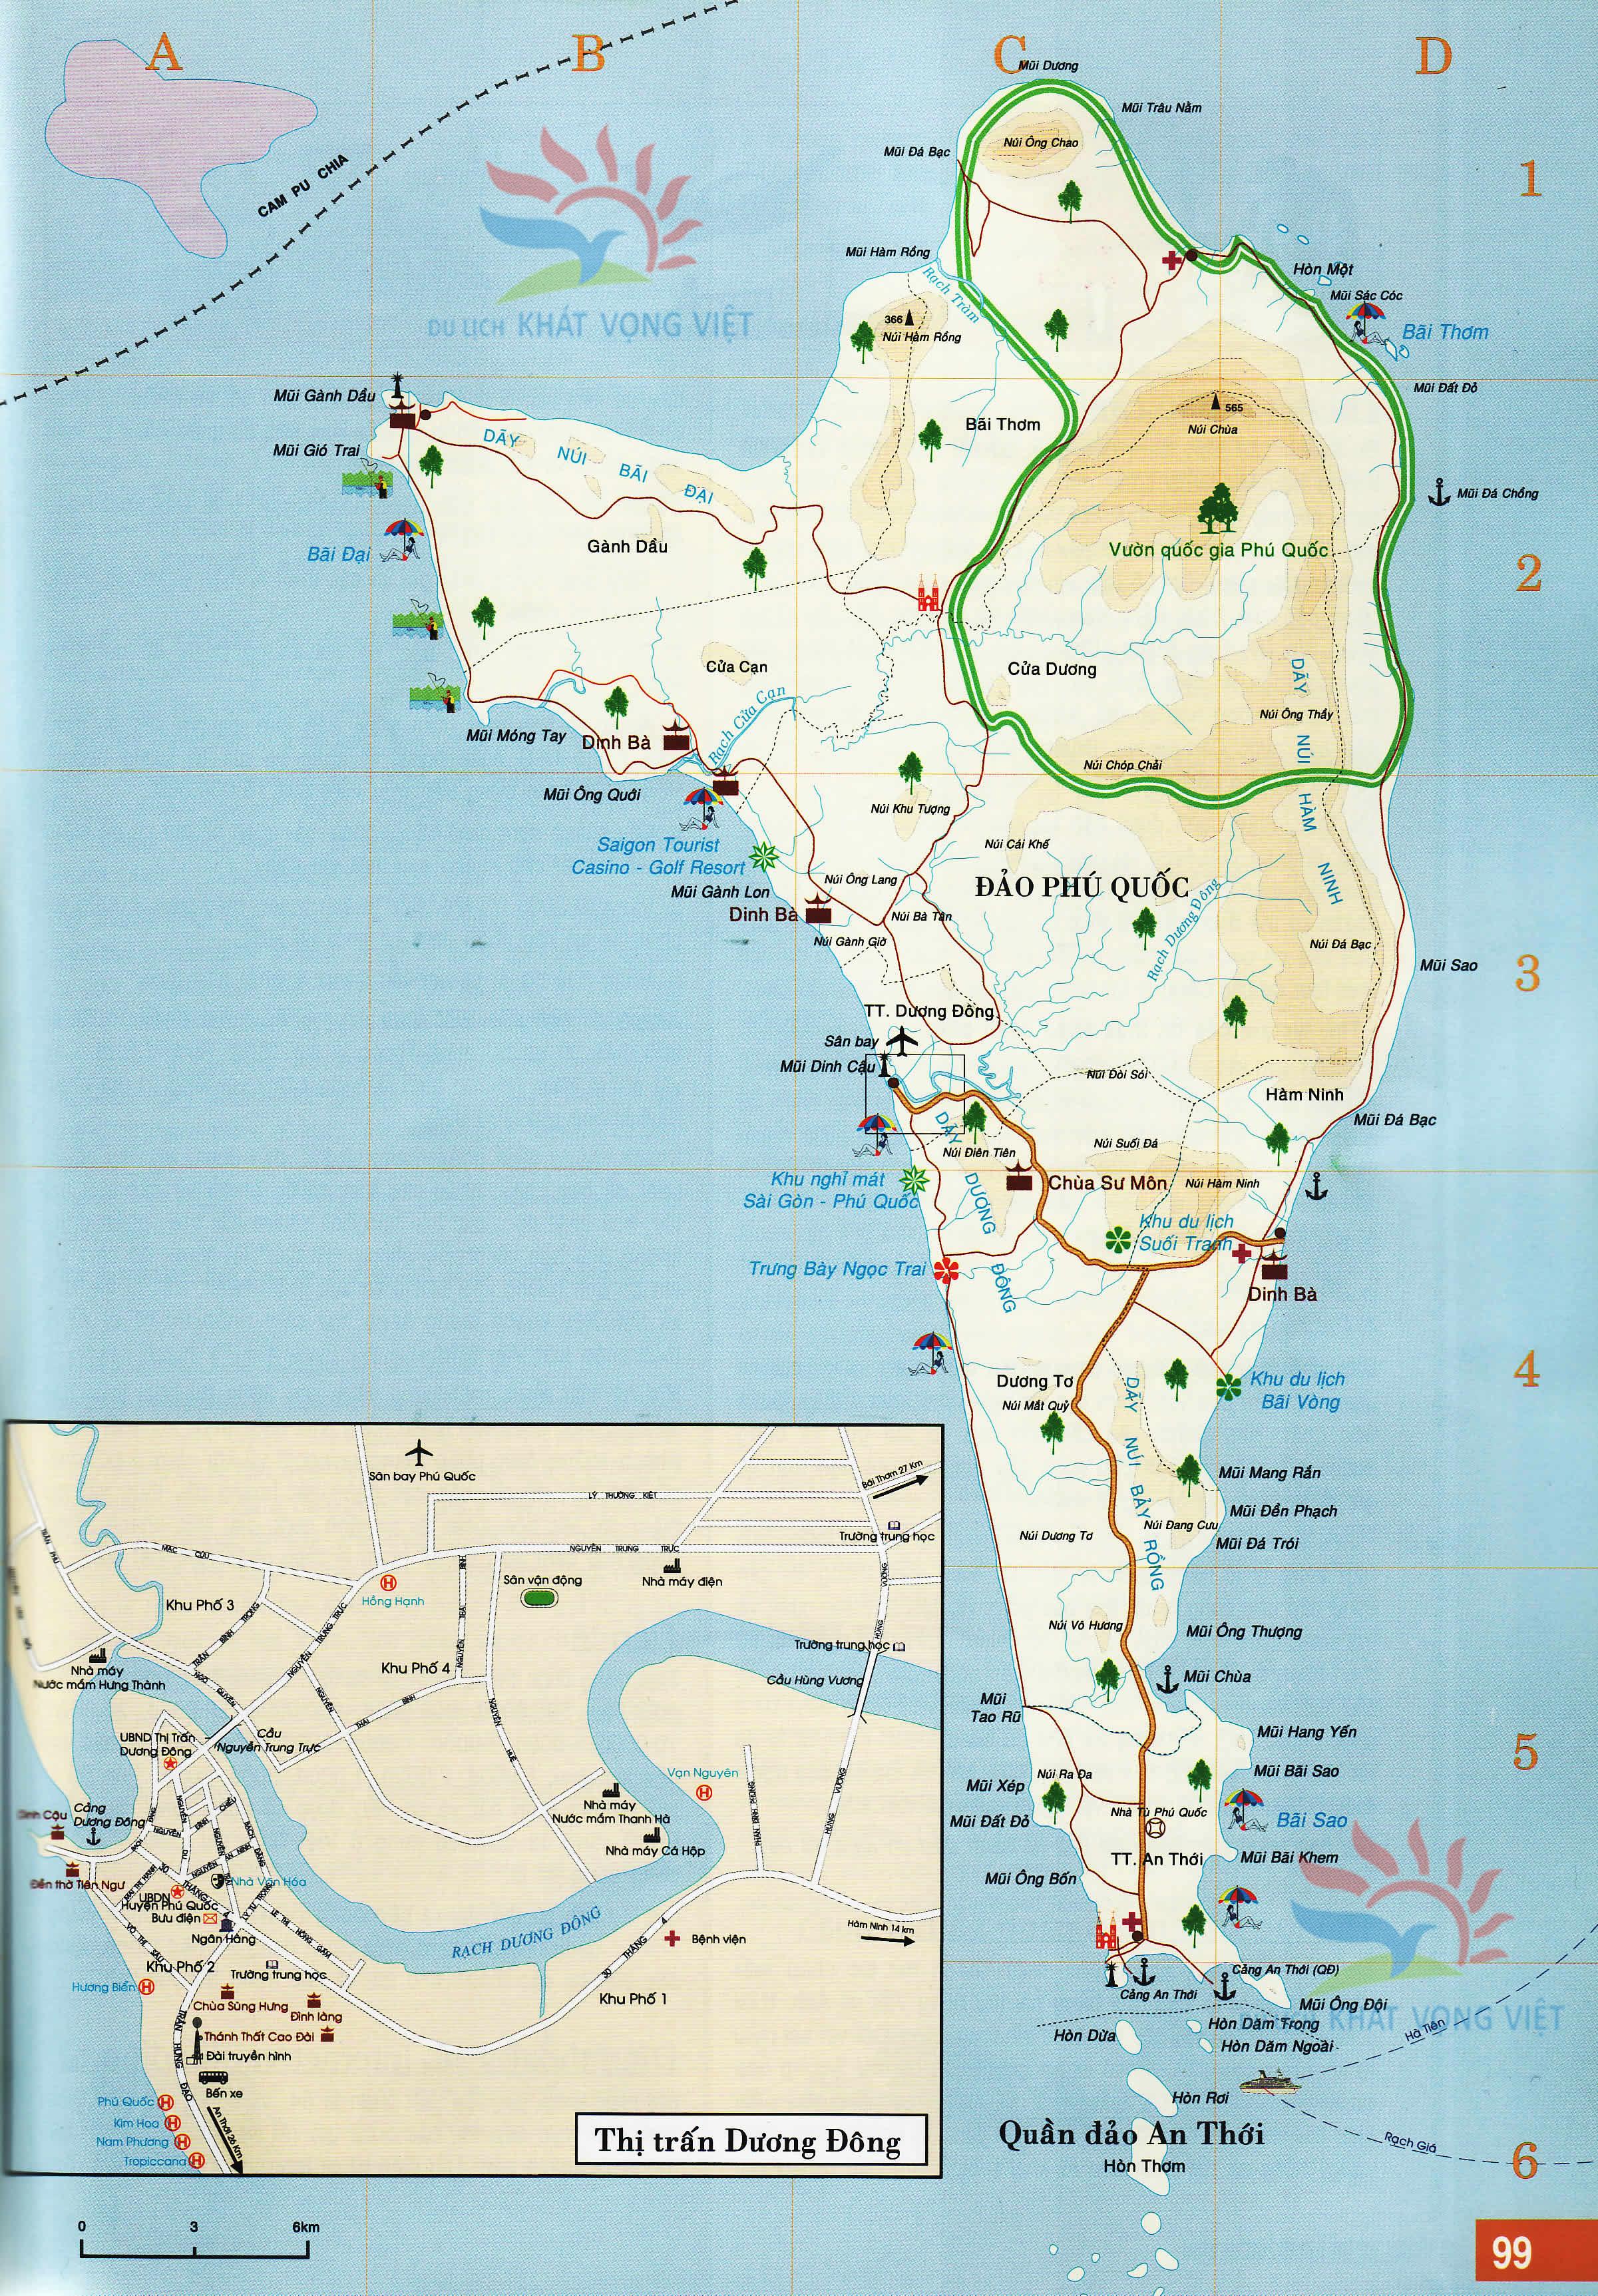 Bản đồ Hướng Dẫn Du Lịch đảo Phu Quốc đầy đủ Chi Tiết 2020